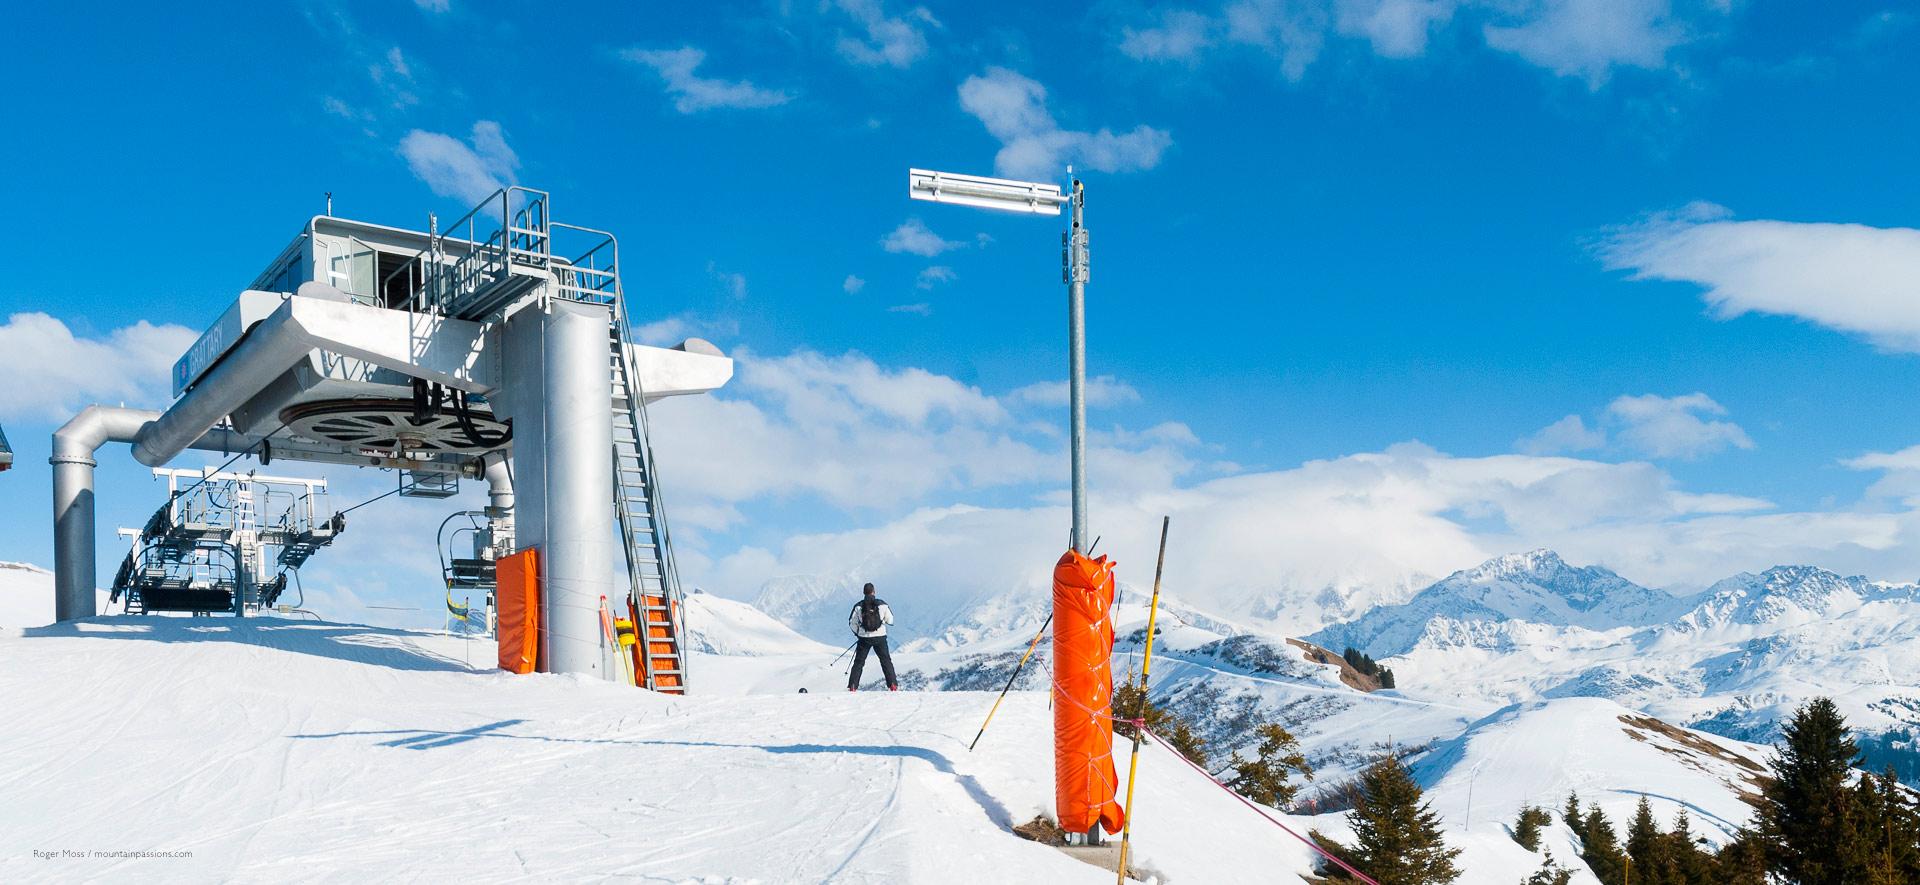 Skier leaving chairlift